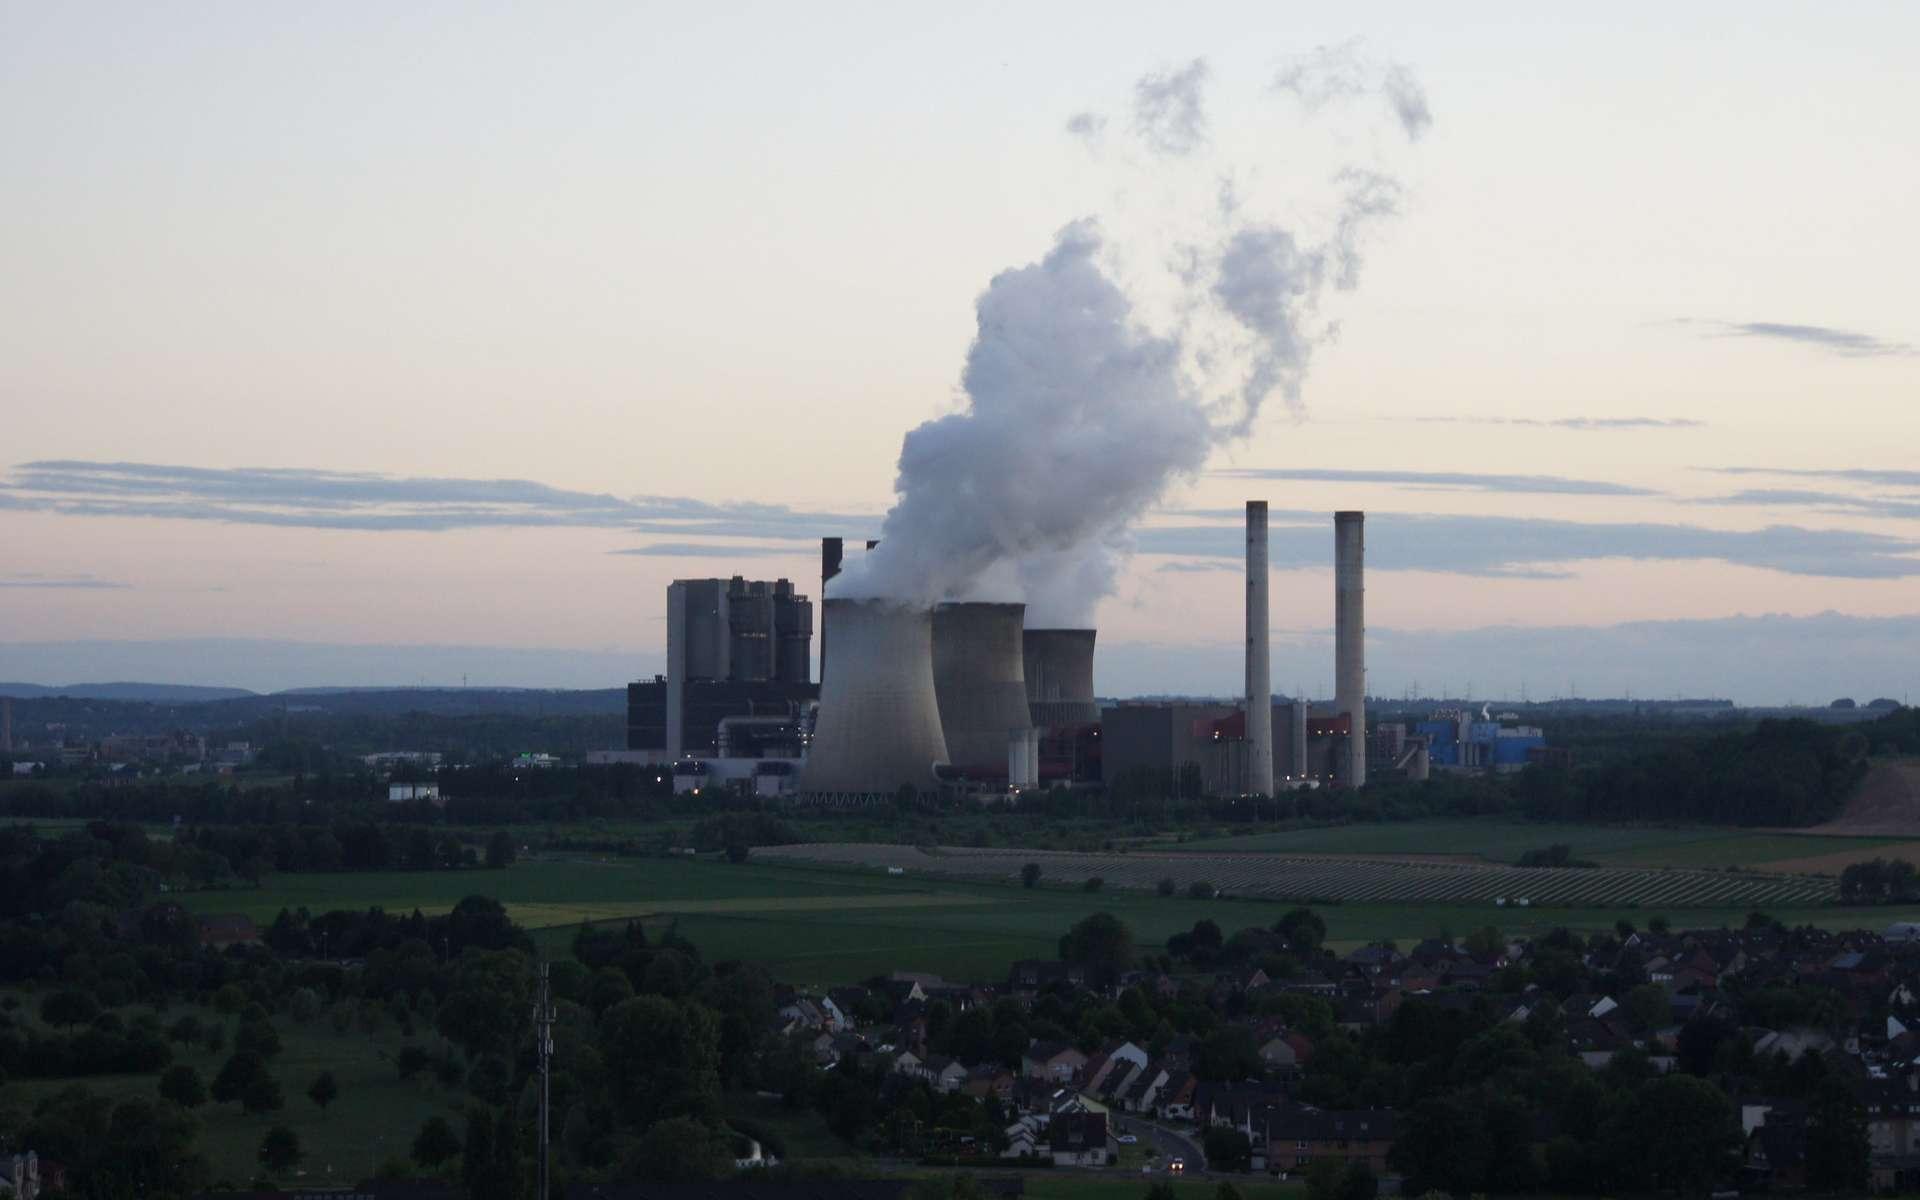 Quatre-vingt quatre centrales à charbon sont encore en opération en Allemagne. © Thorsten Mohr, Flickr